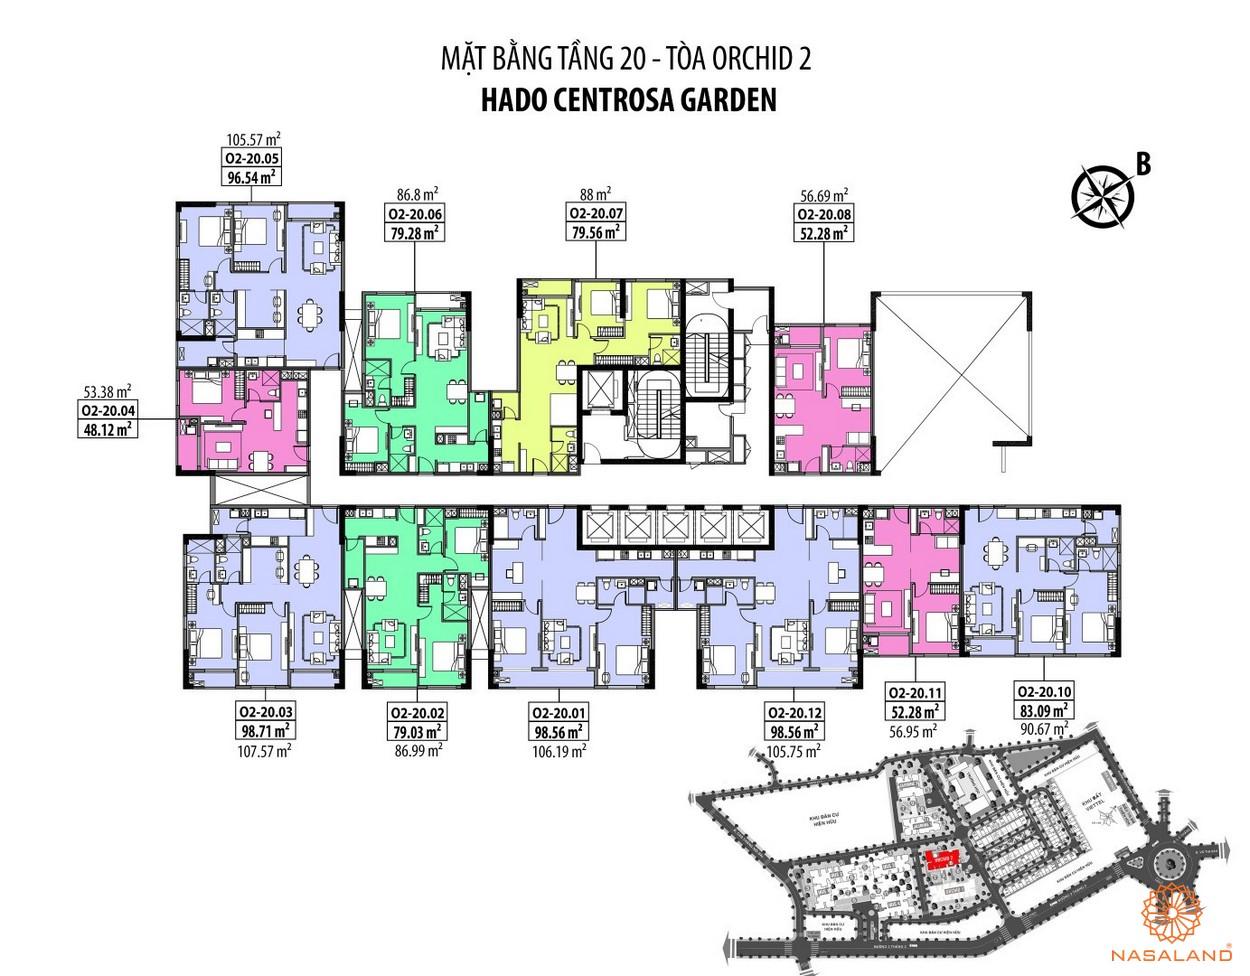 Mặt bằng Hà Đô Centrosa căn hộ tầng 20 - tòa Orchid 2